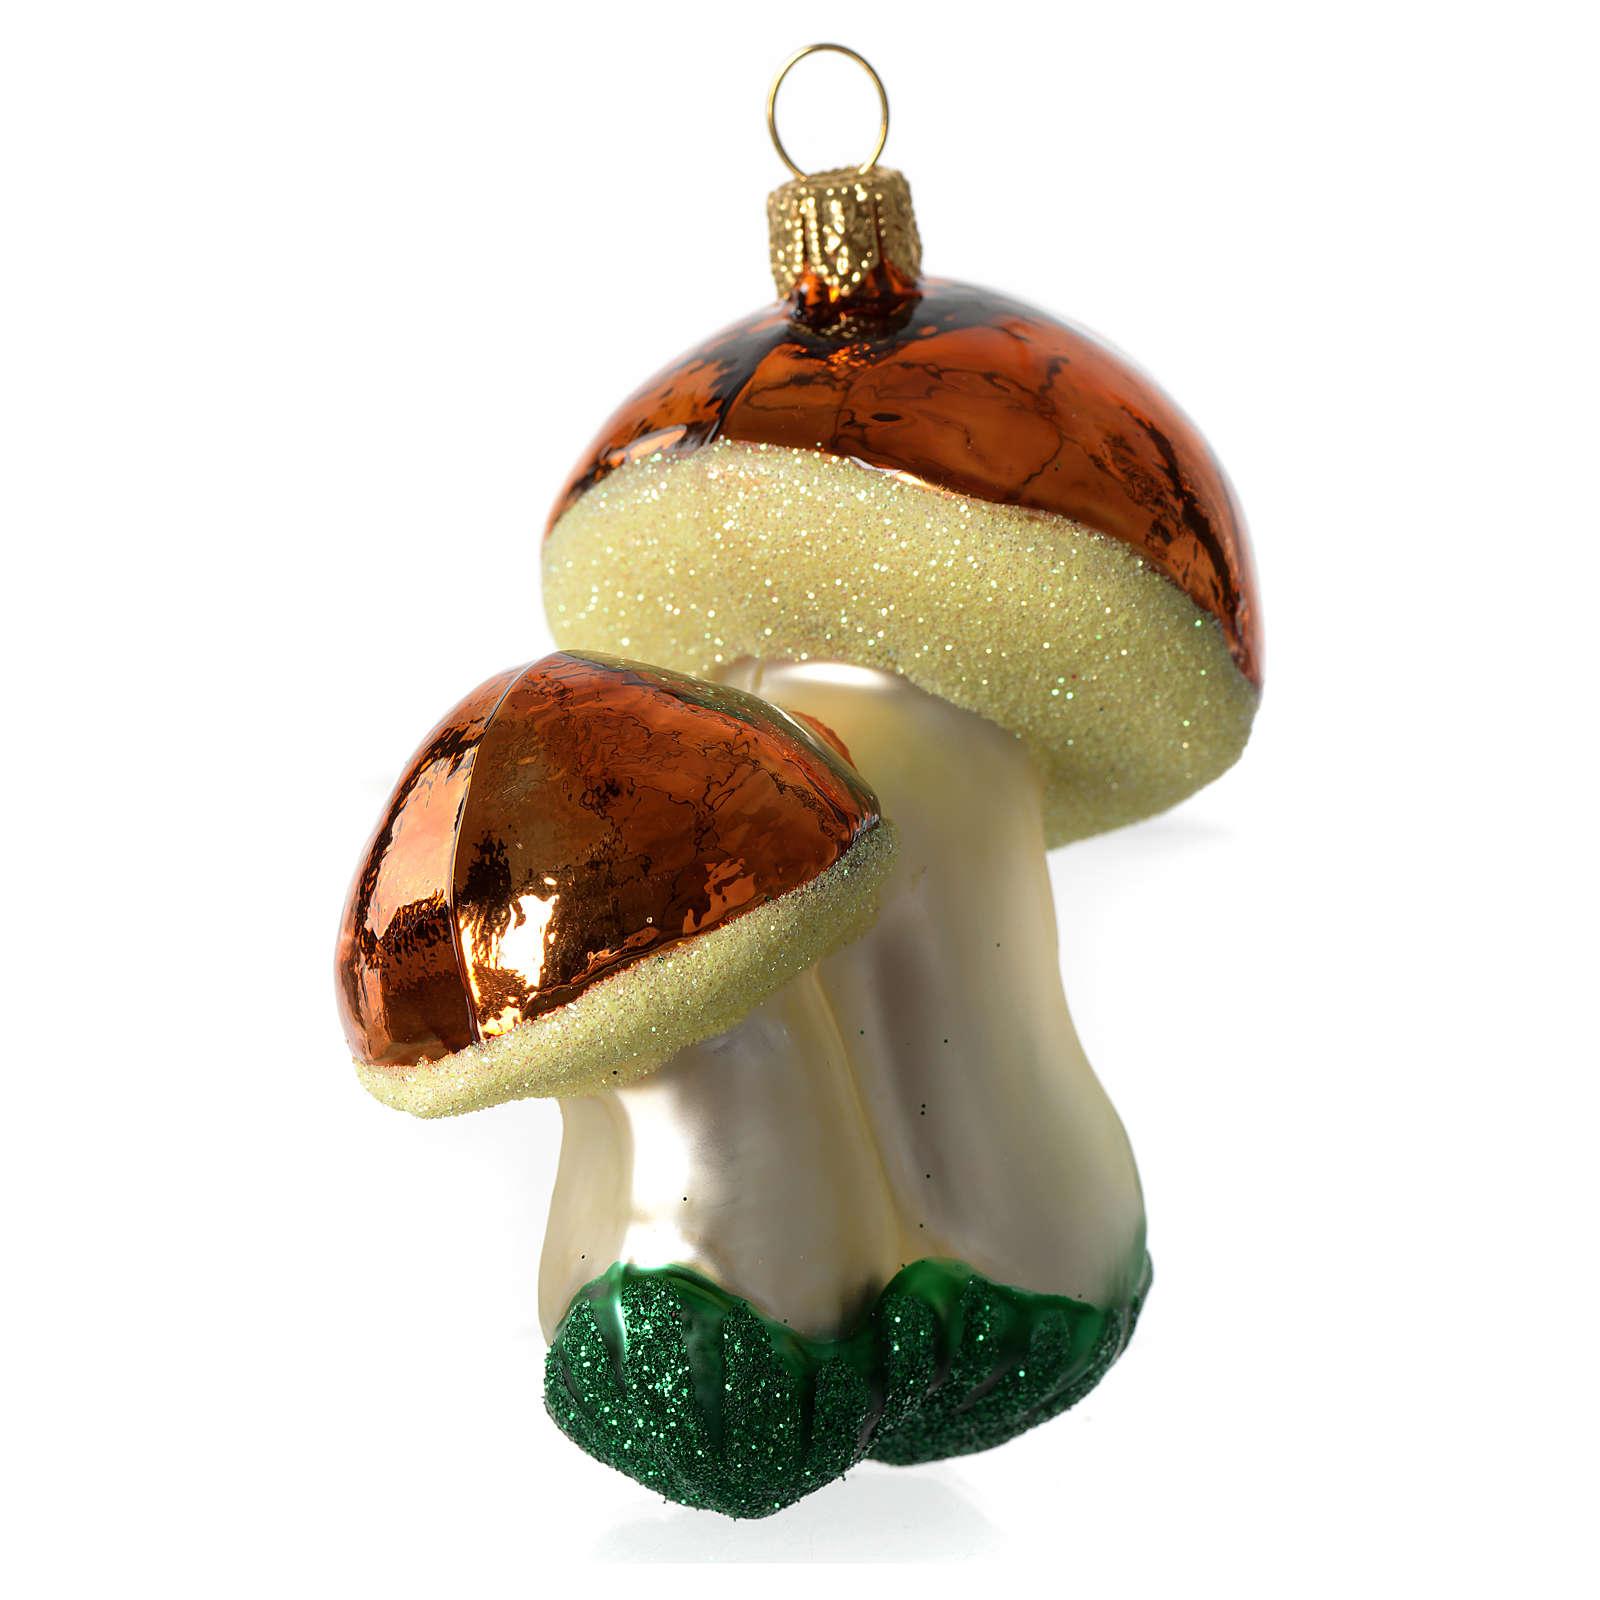 Hongos adorno vidrio soplado Árbol Navidad 4